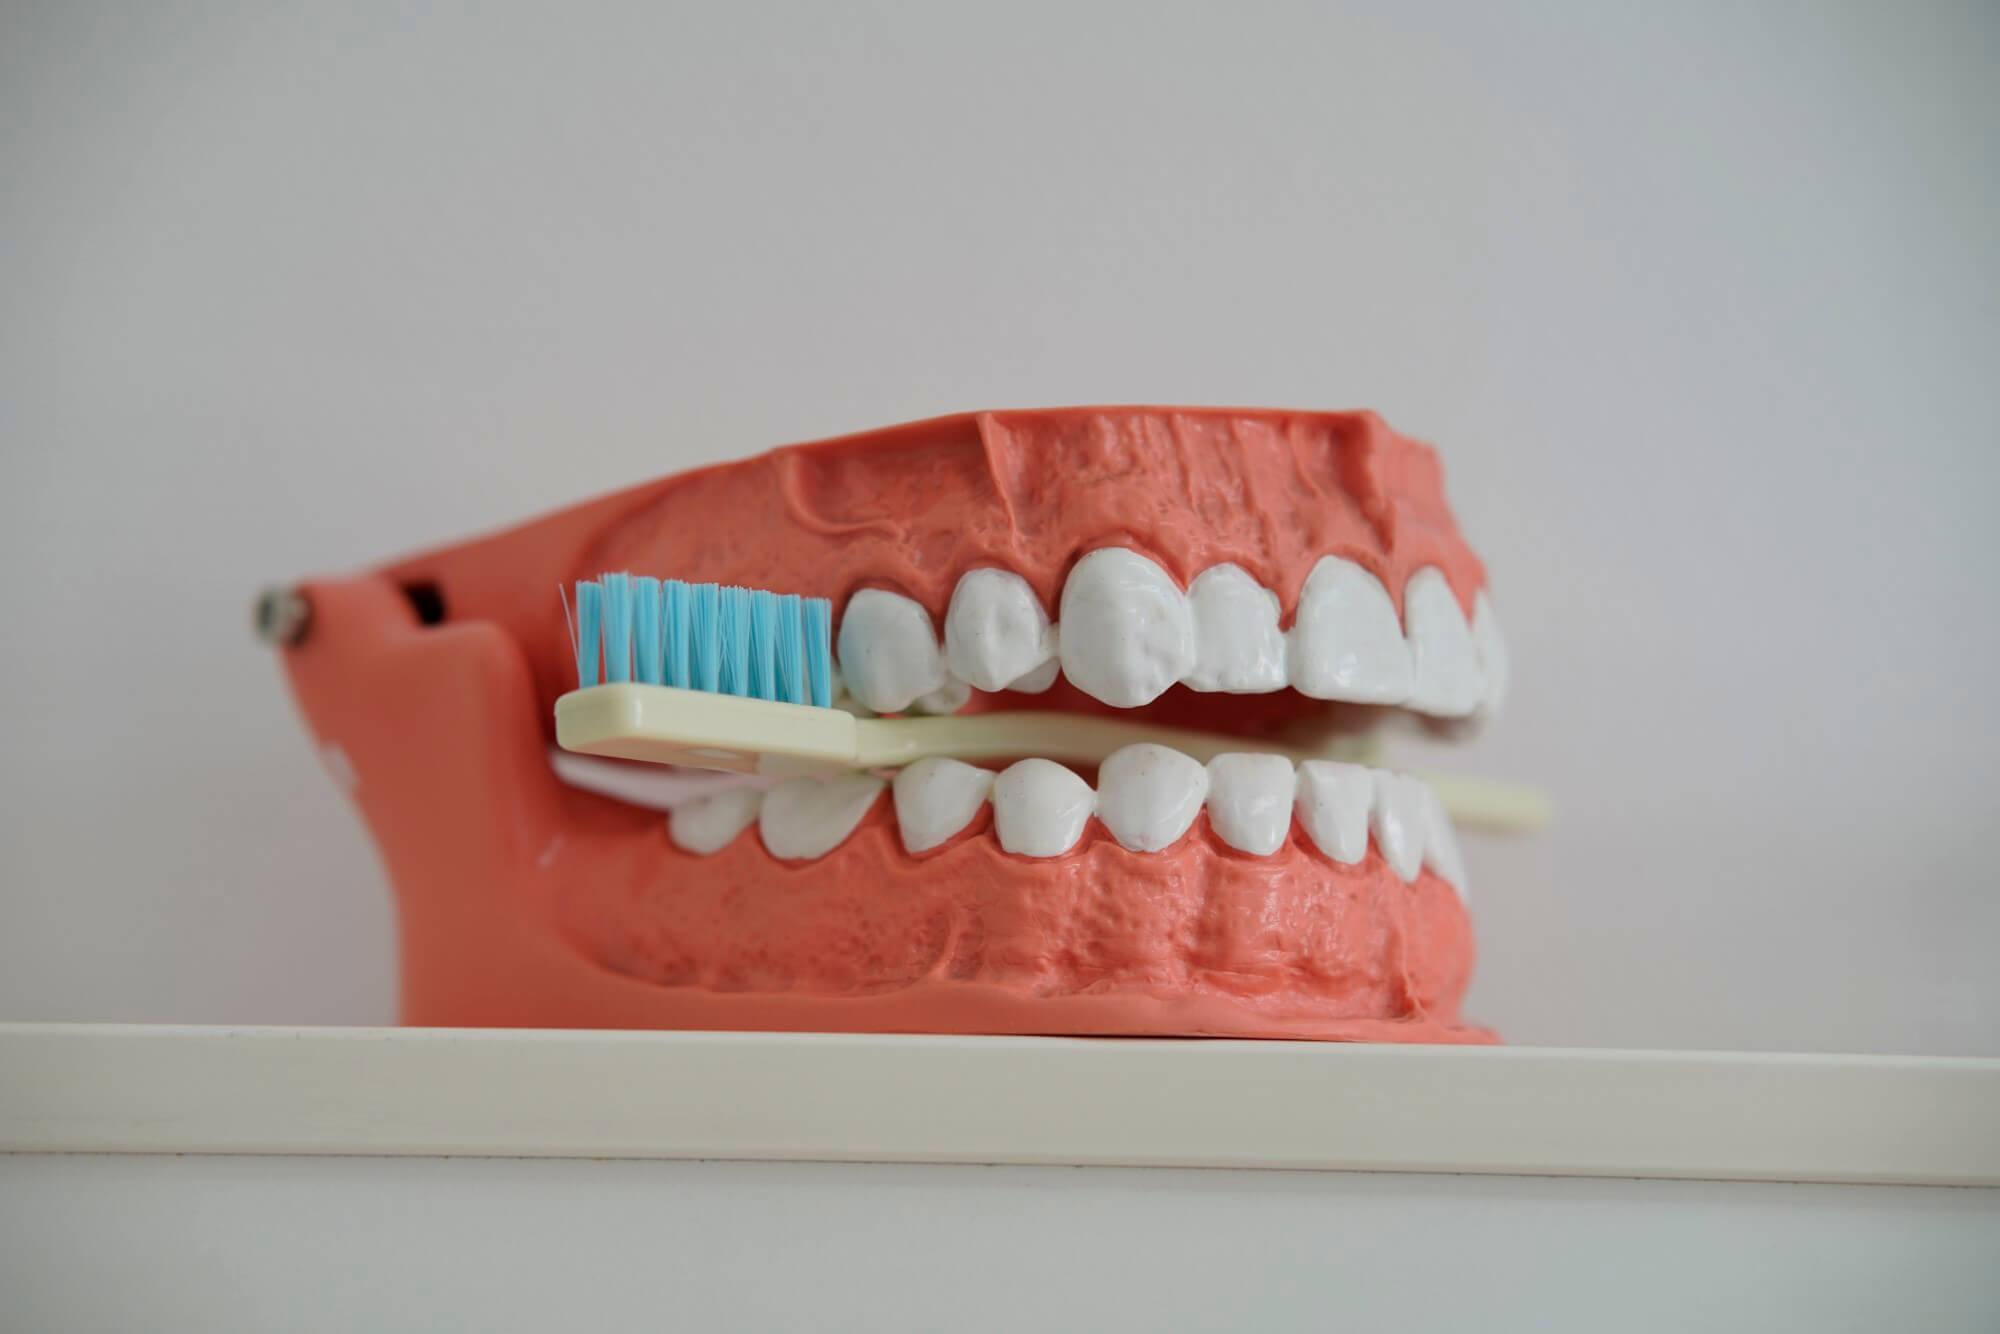 Zahnmodell und Zahnbürste